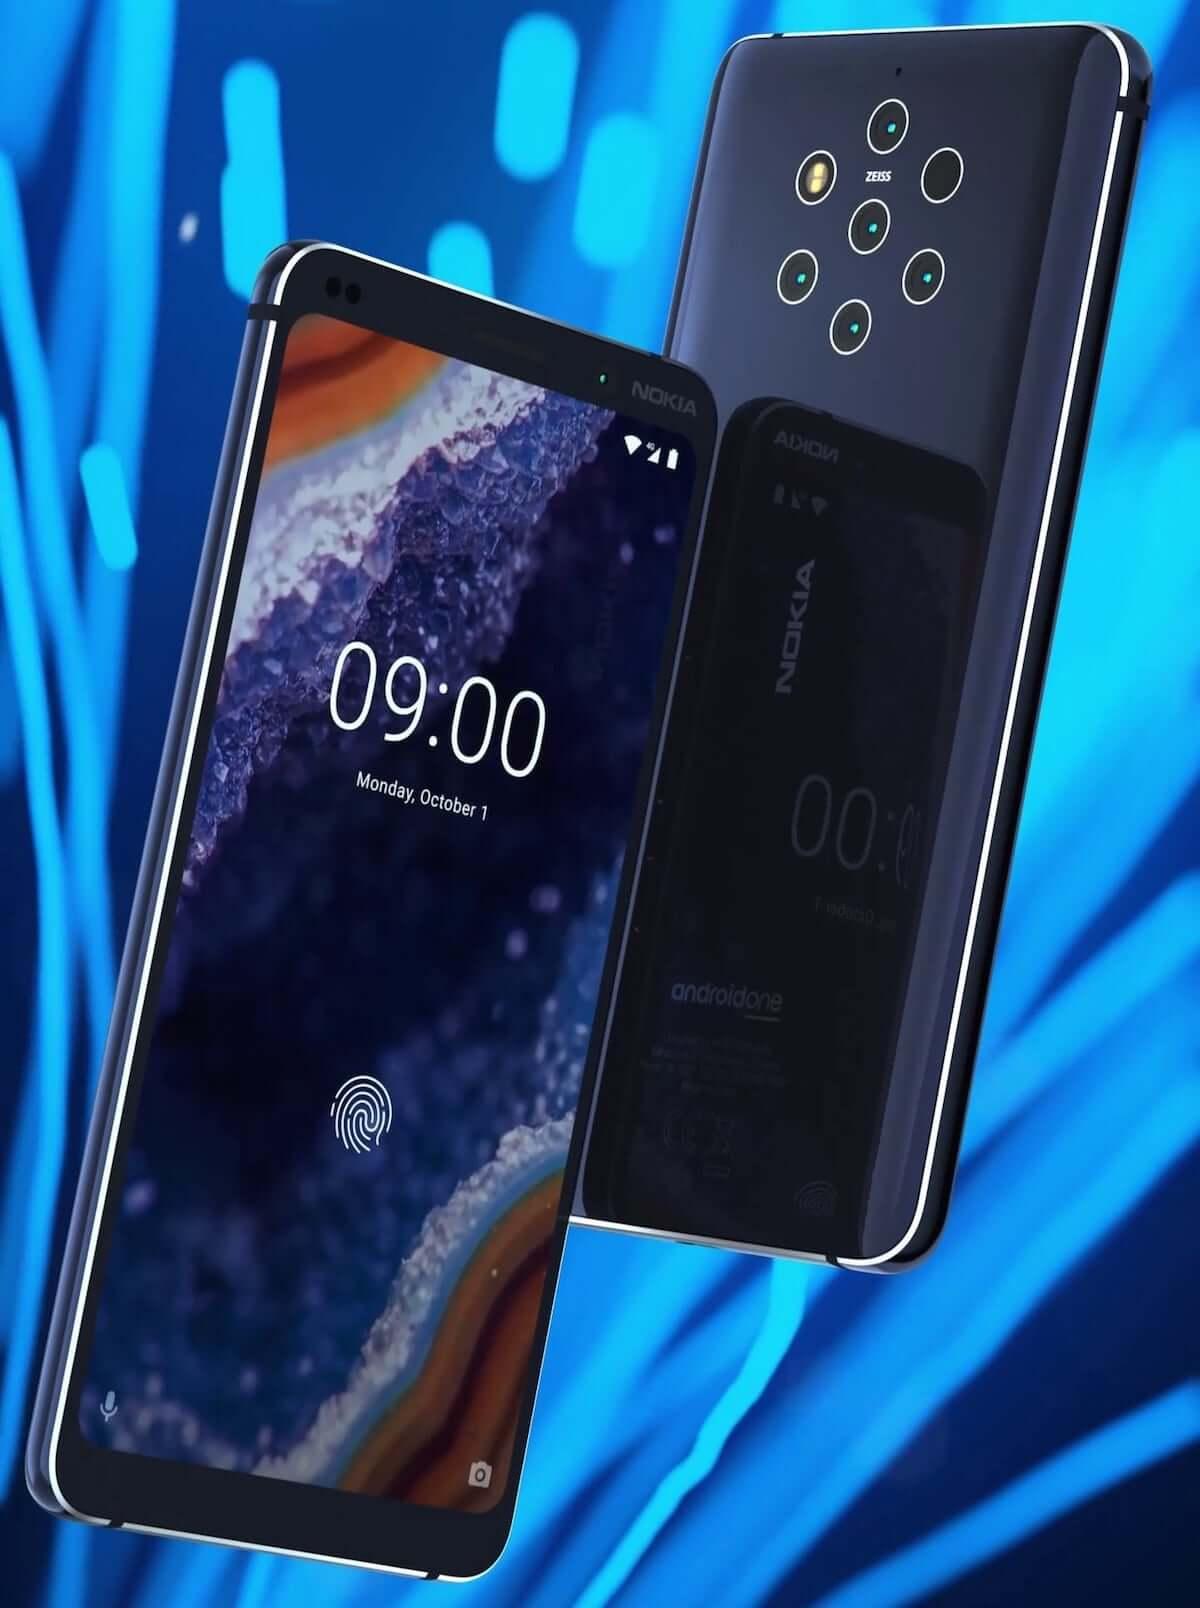 5つのカメラを搭載!「Nokia9 Pure View」のリーク画像が公開 190208_nokia_main-min-1200x1608